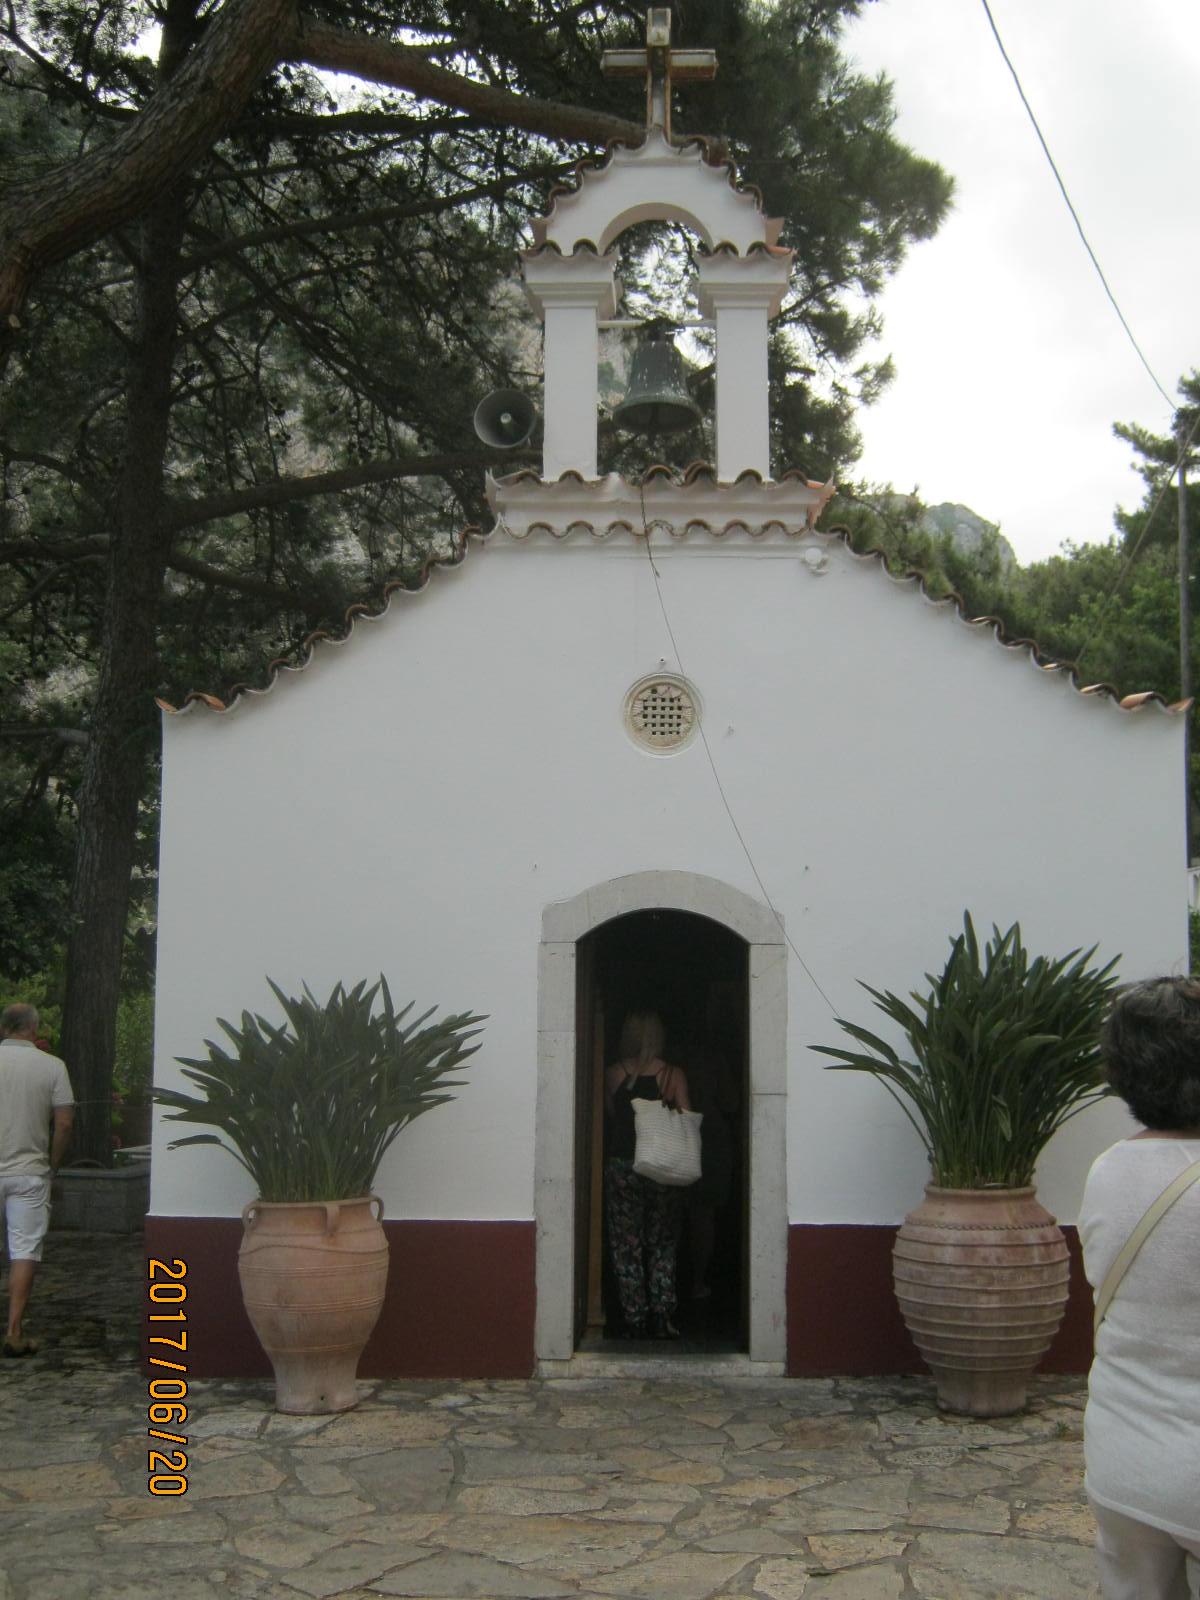 Szent György templom, amit a legenda szerint egyetlen éjszaka építettek fel.